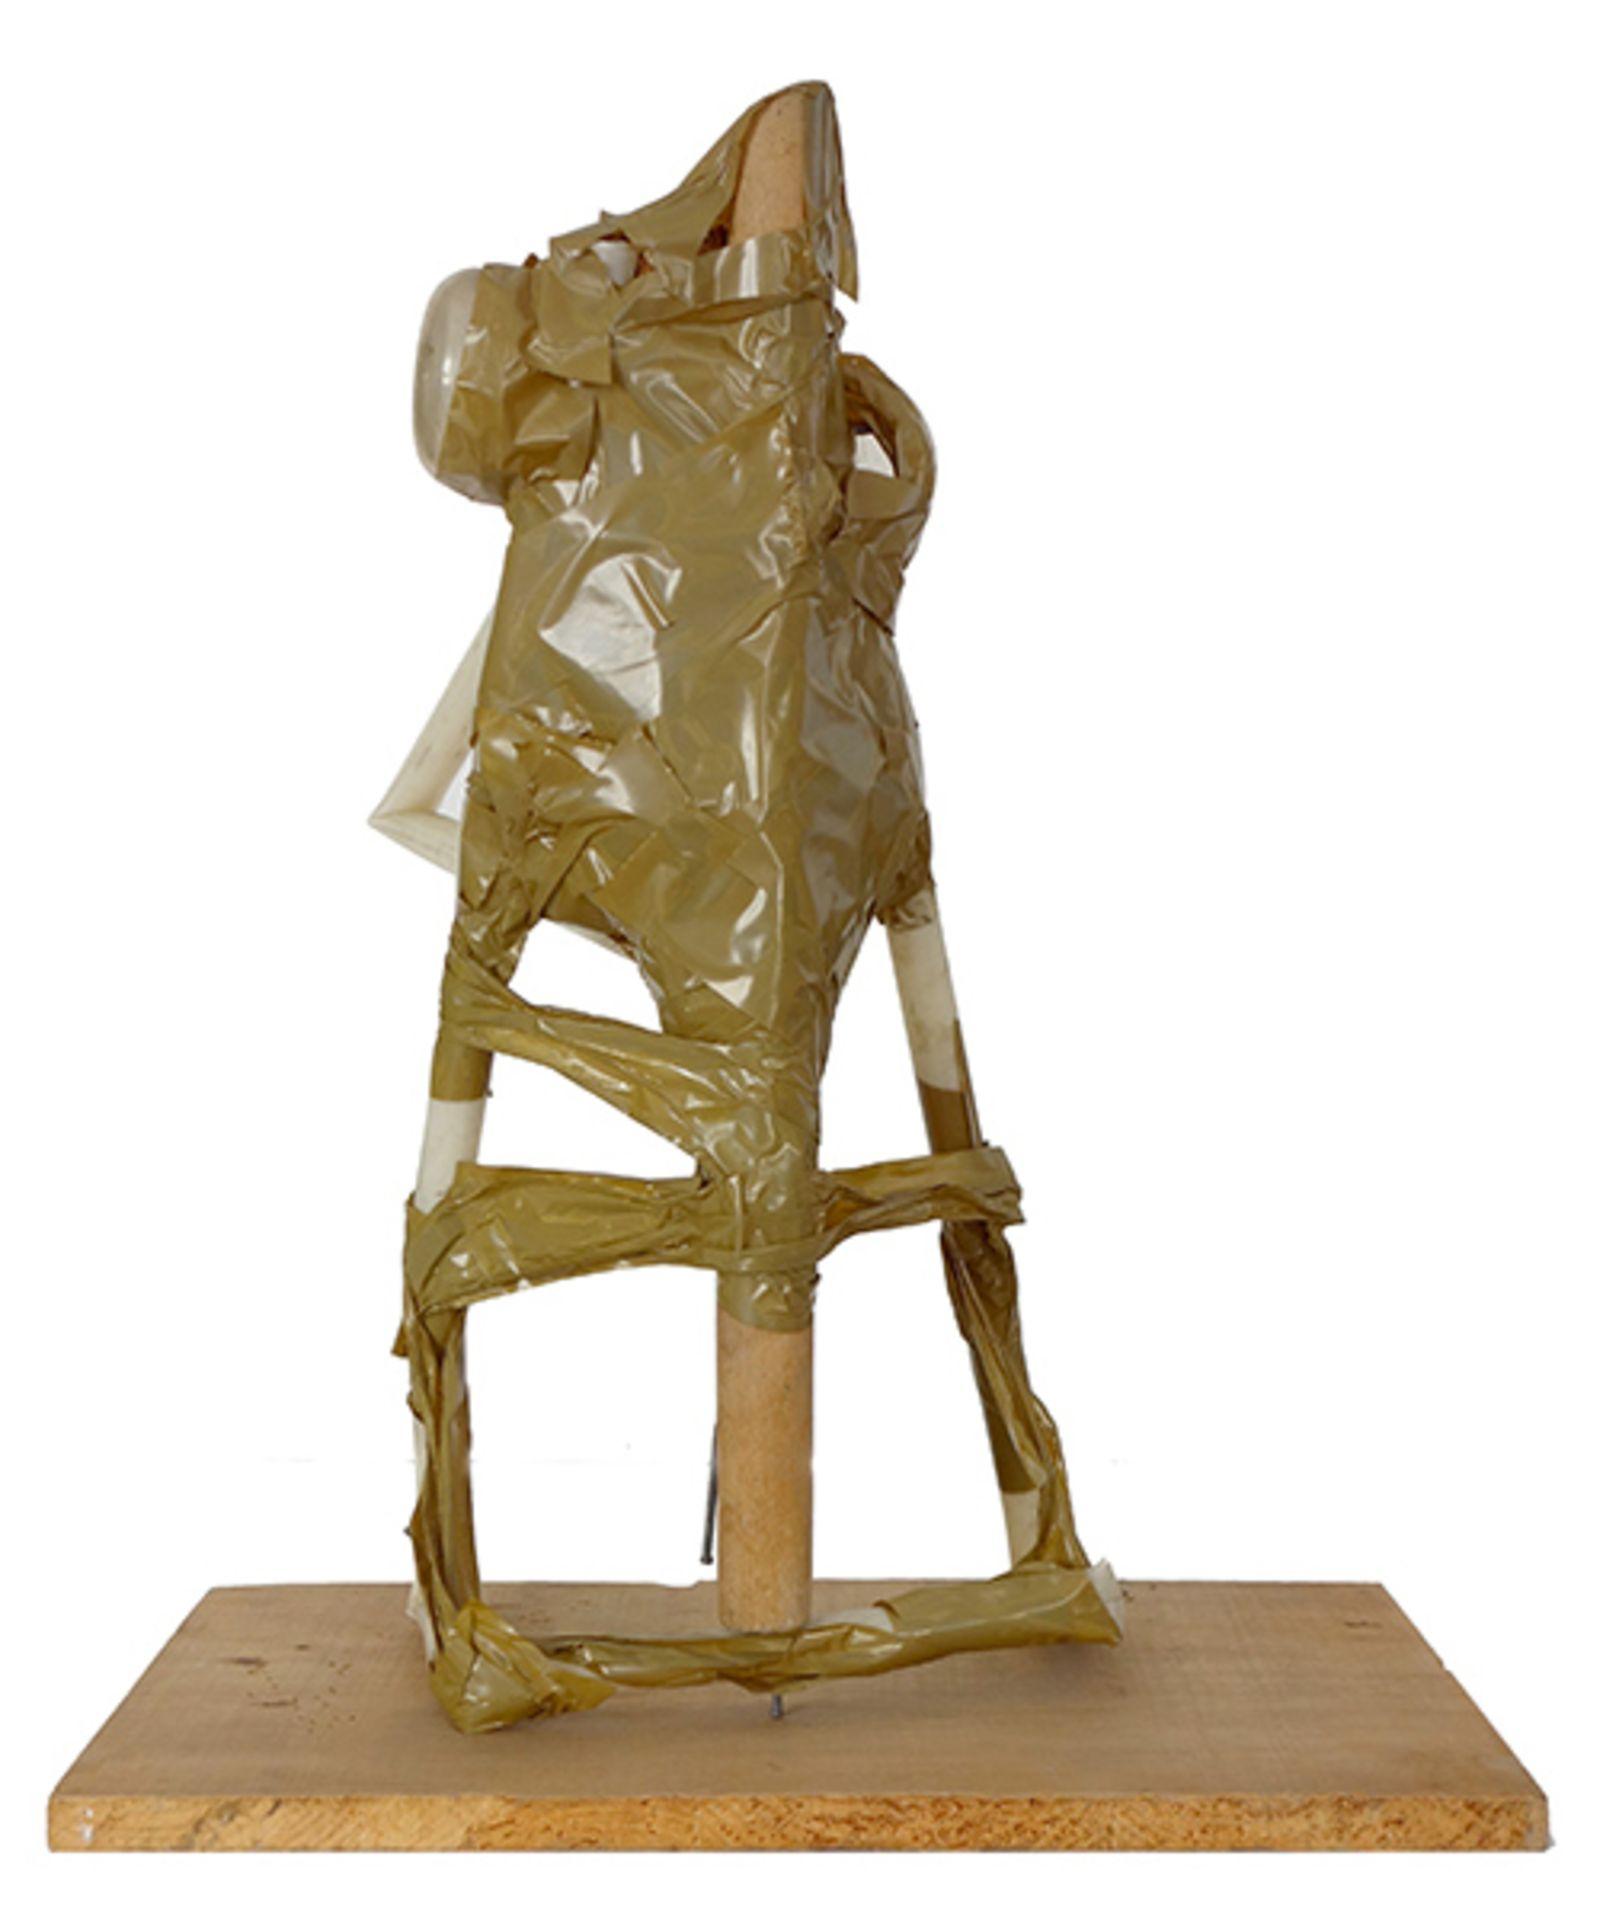 Los 7 - Anzinger, Siegfried Kunststoffbehälter, Klebeband, Nägel montiert auf Holzplatte, 46 x 38,4 x 22,5